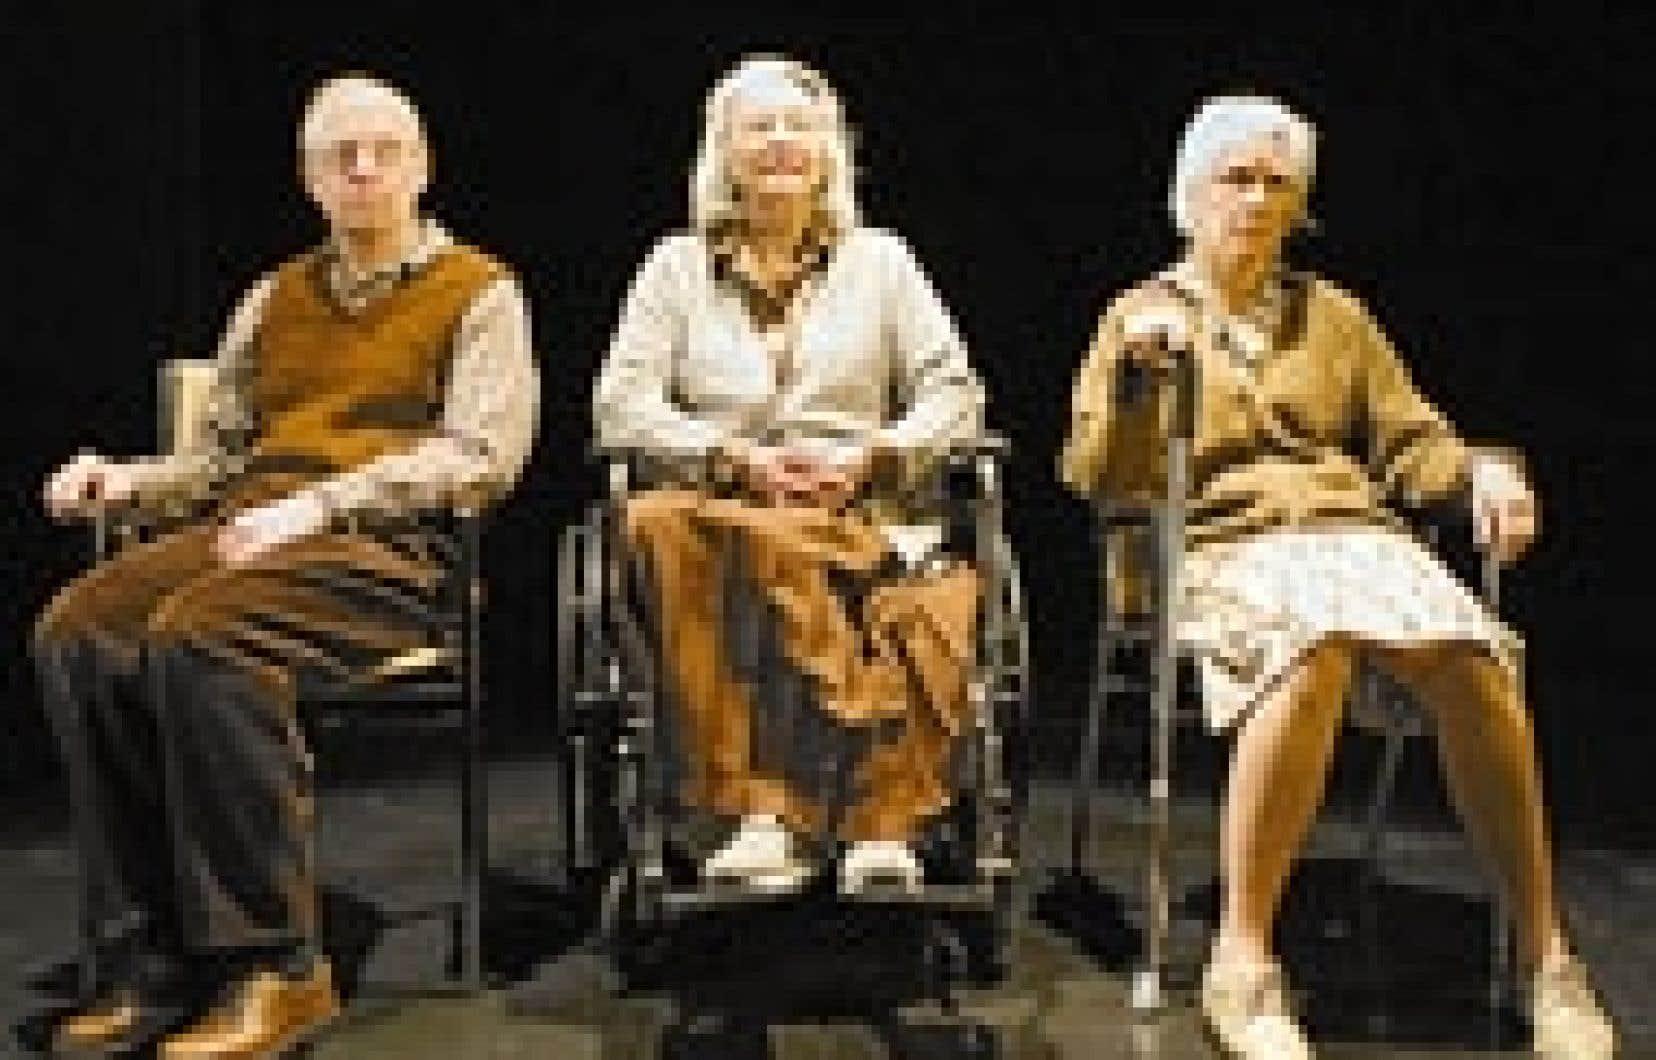 Dans Half Life, les rôles principaux sont interprétés avec sobriété et naturel. Source: FTA